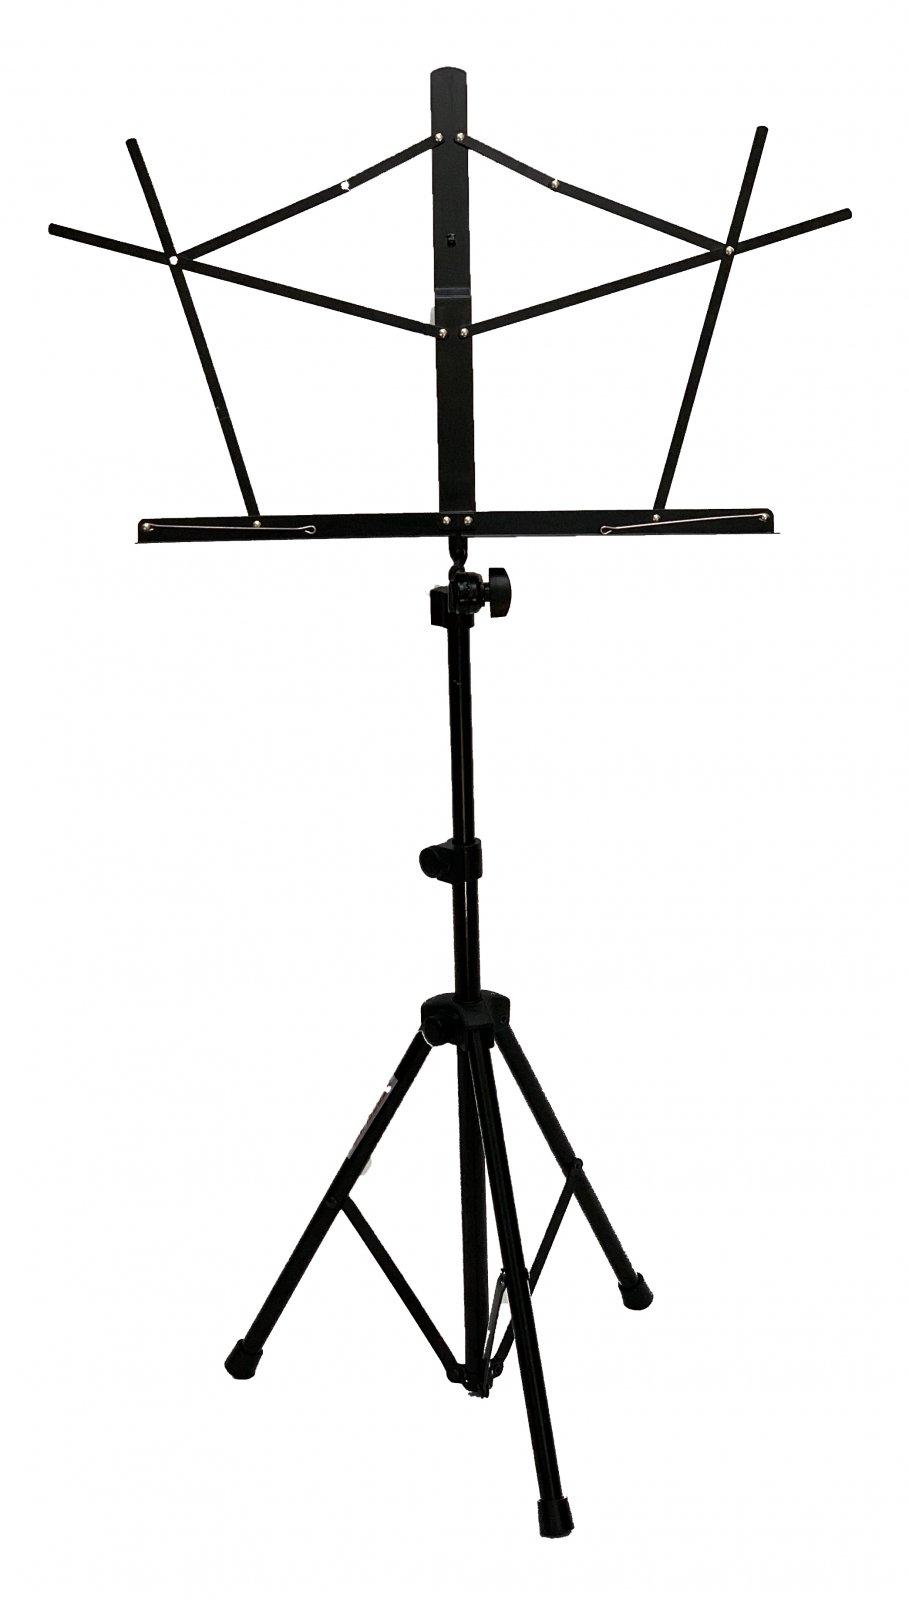 Stageline Folding - Tubular Base - Music Stand